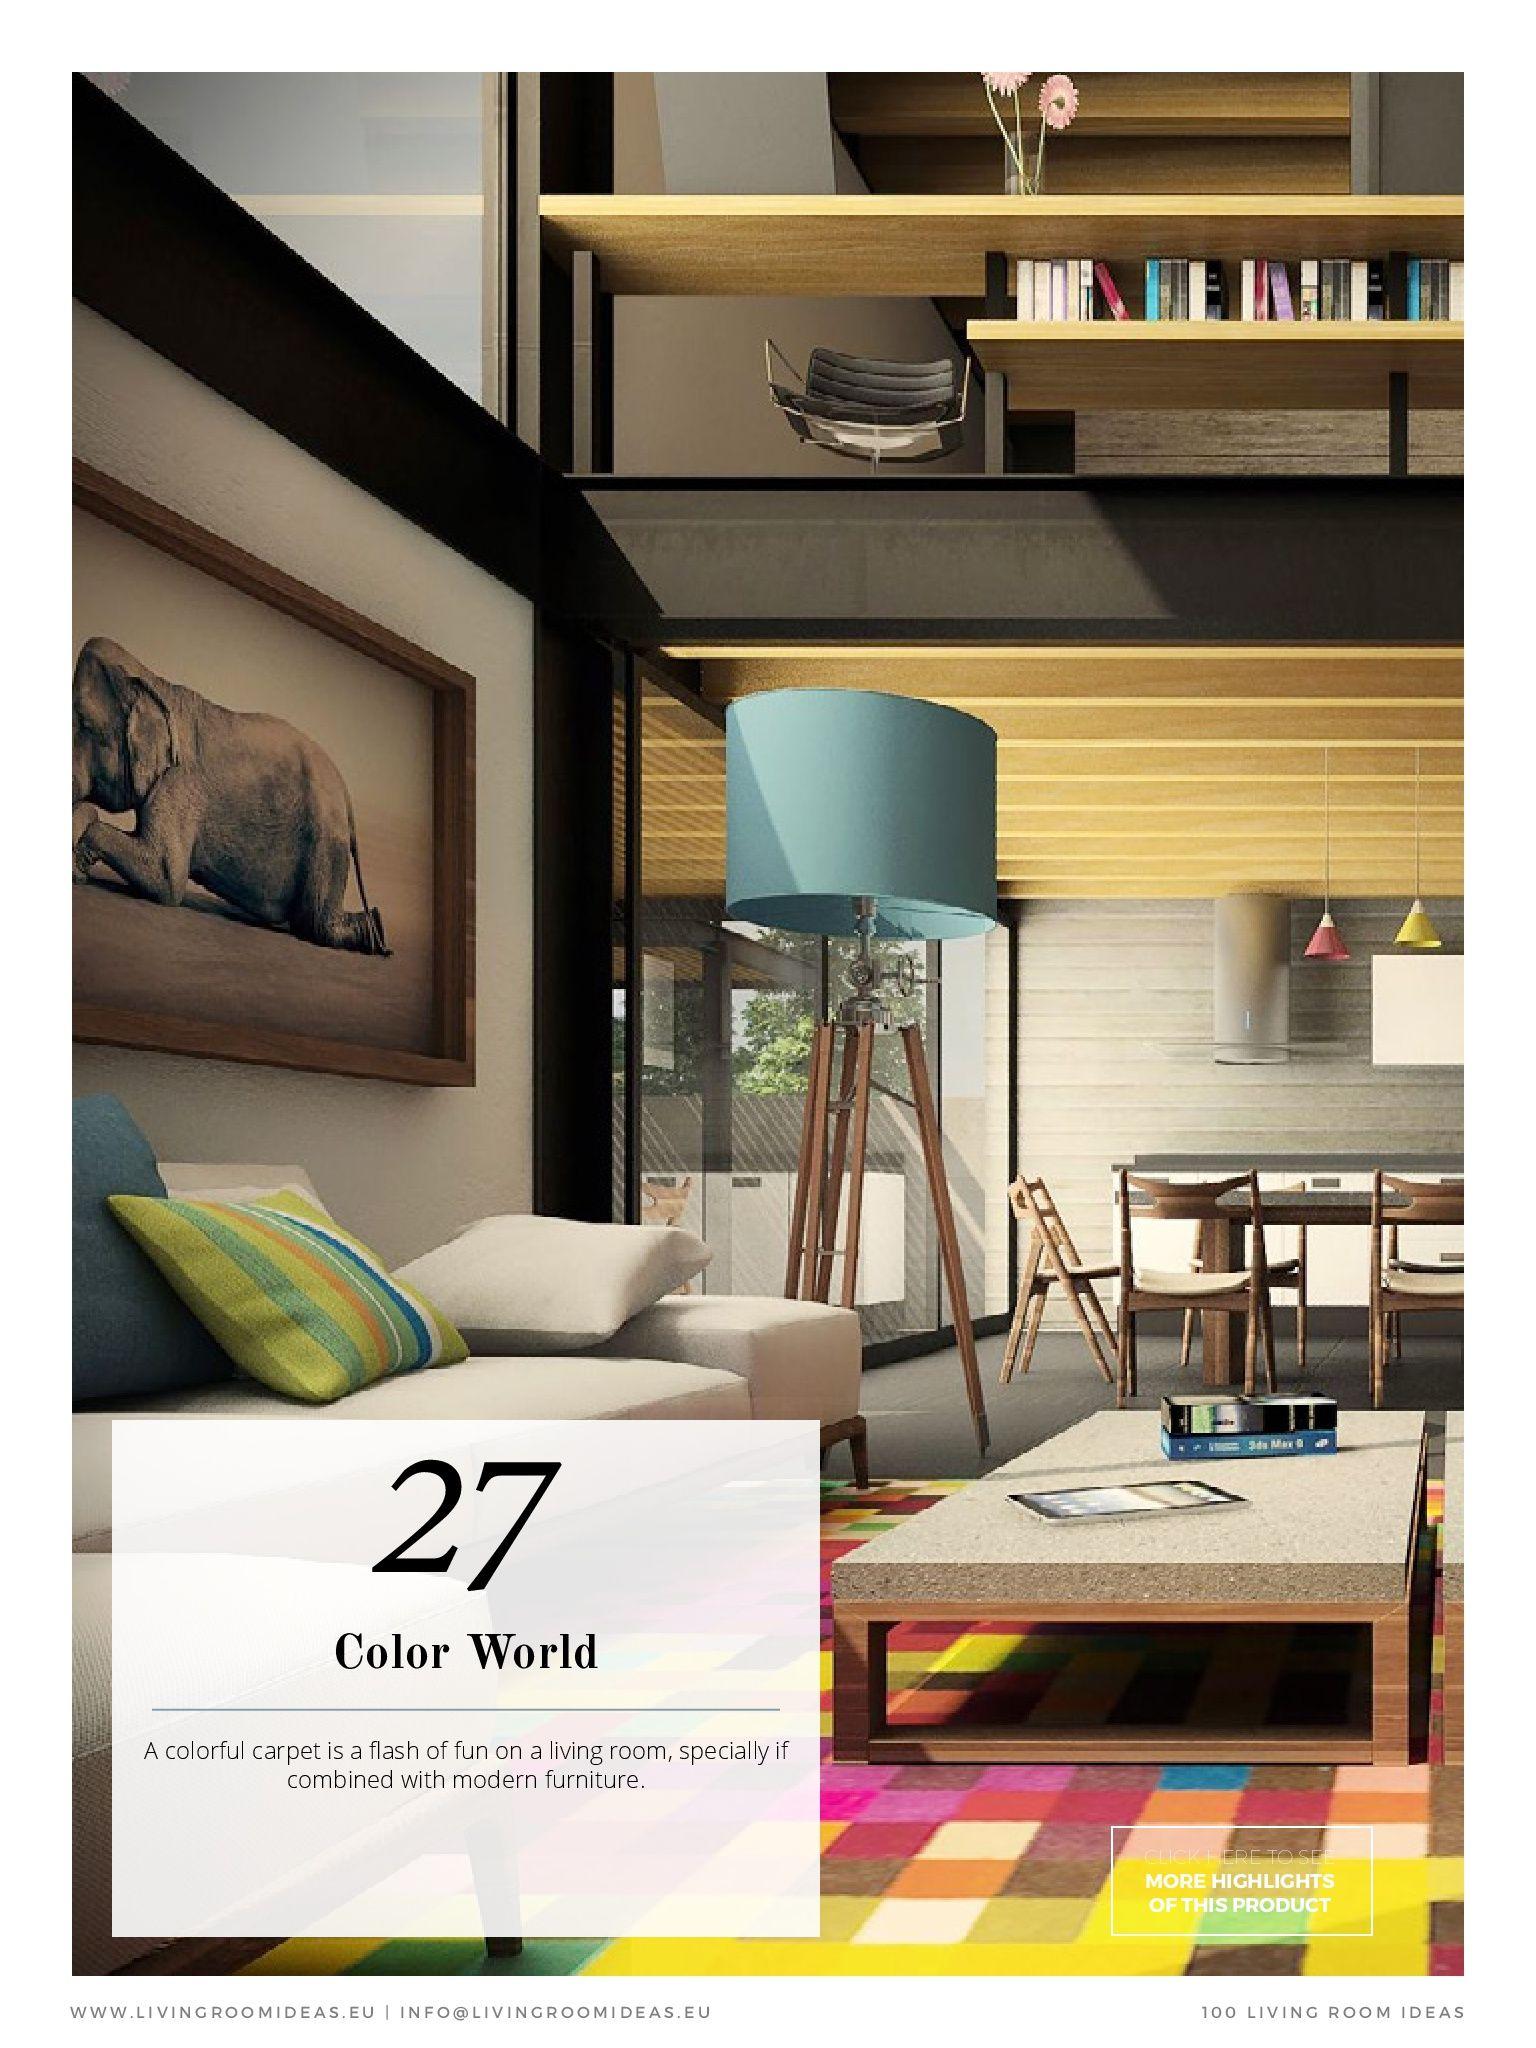 """""""Luxxu ti presenta, Modern Design Living Room Ideas, una fonte incredibile con le migliori idee di interior design per il tuo salotto. Basta scaricarlo per scoprire le migliori marche e progetti e lasciarsi ispirare! """""""